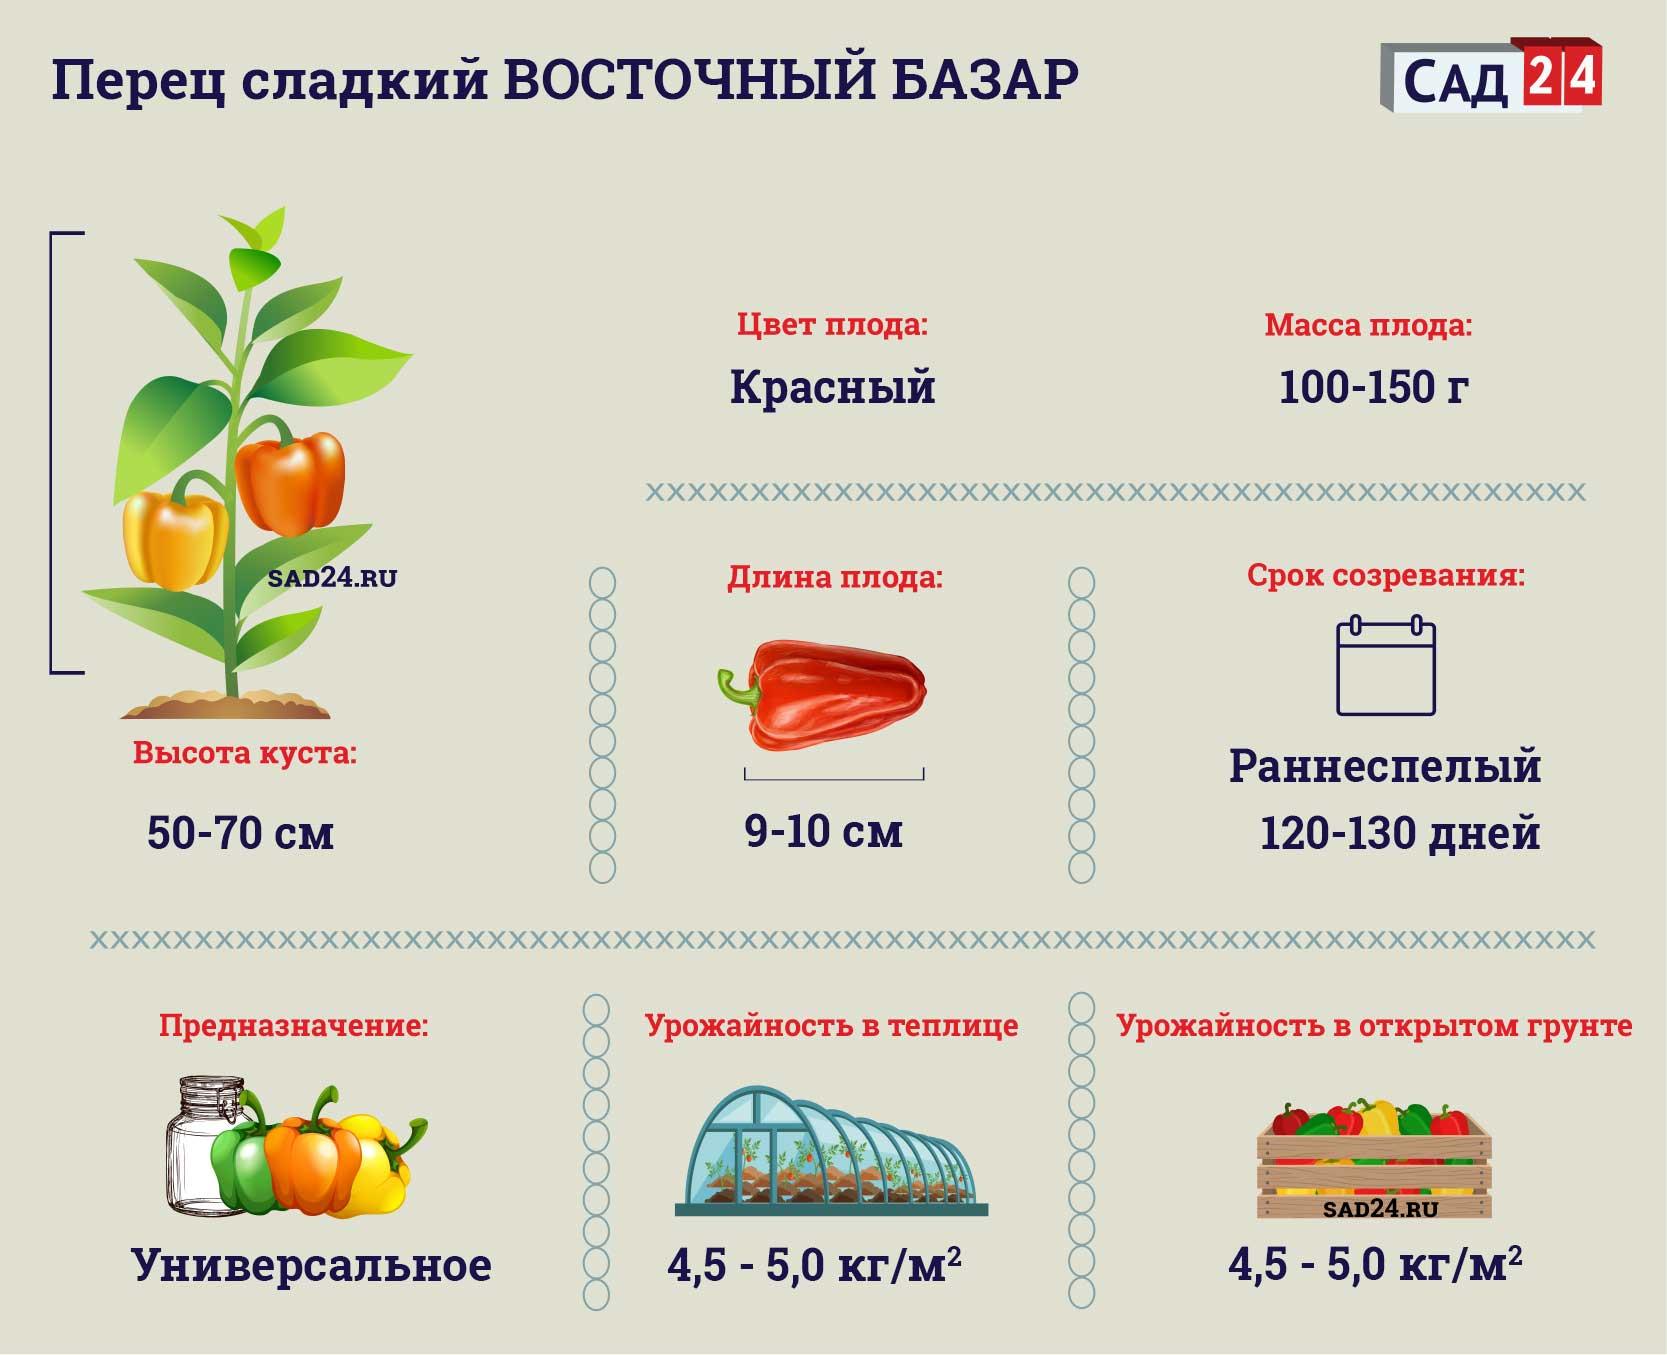 Восточный базар - https://sad24.ru